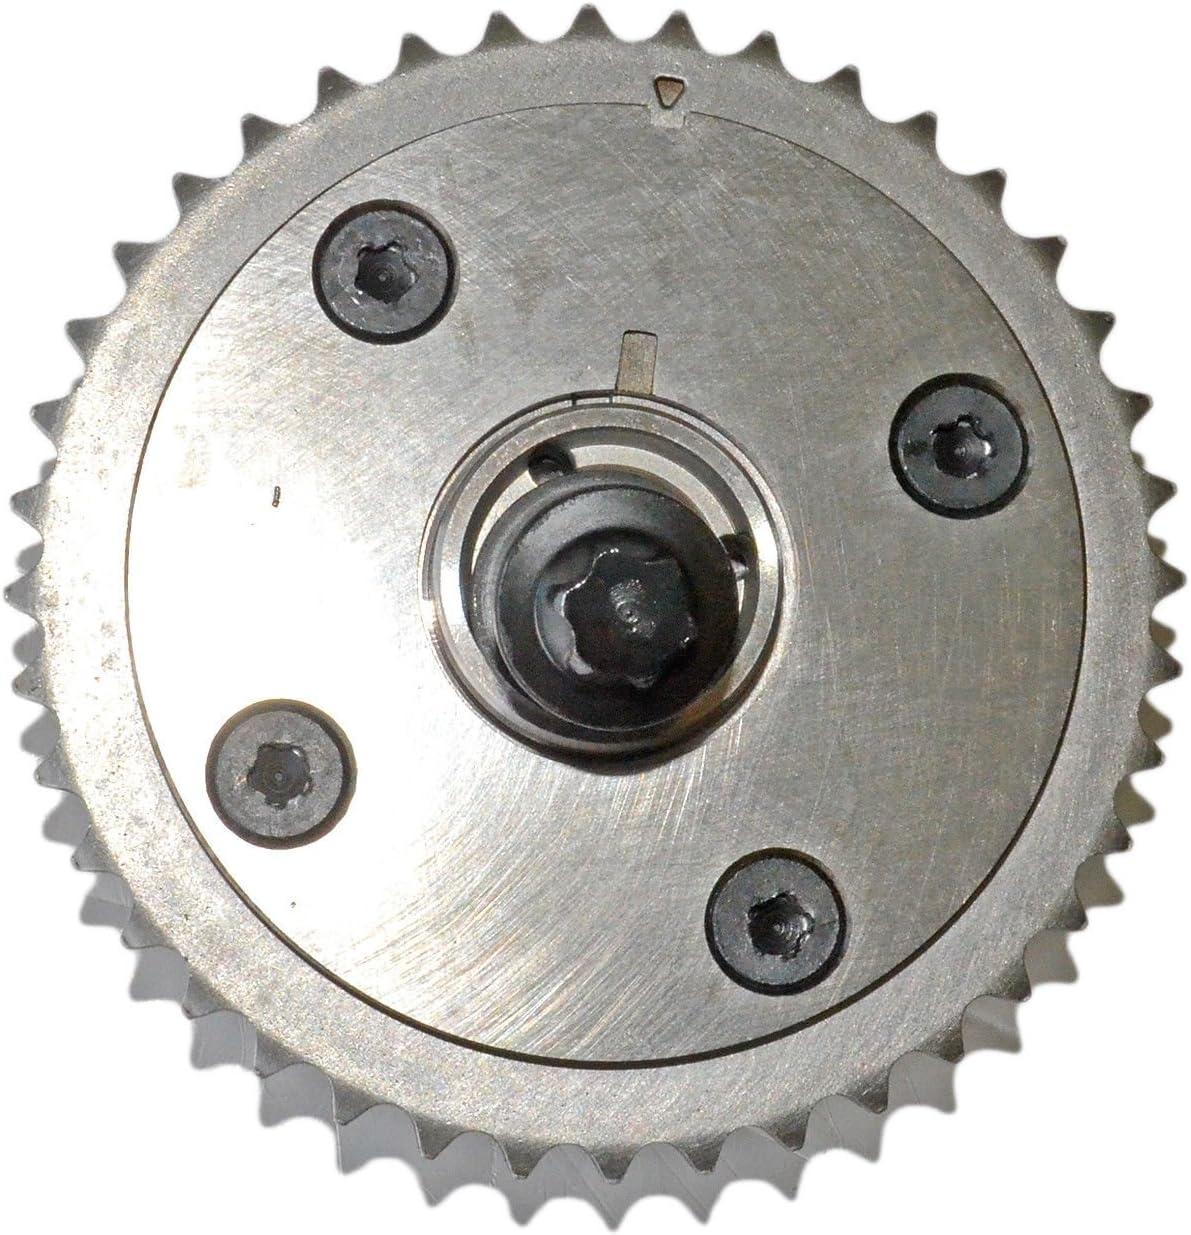 Exhaust Timing Camshaft Pulley Vanos Gear for BMW /& Mini N12 N13 N16 N18 Engine